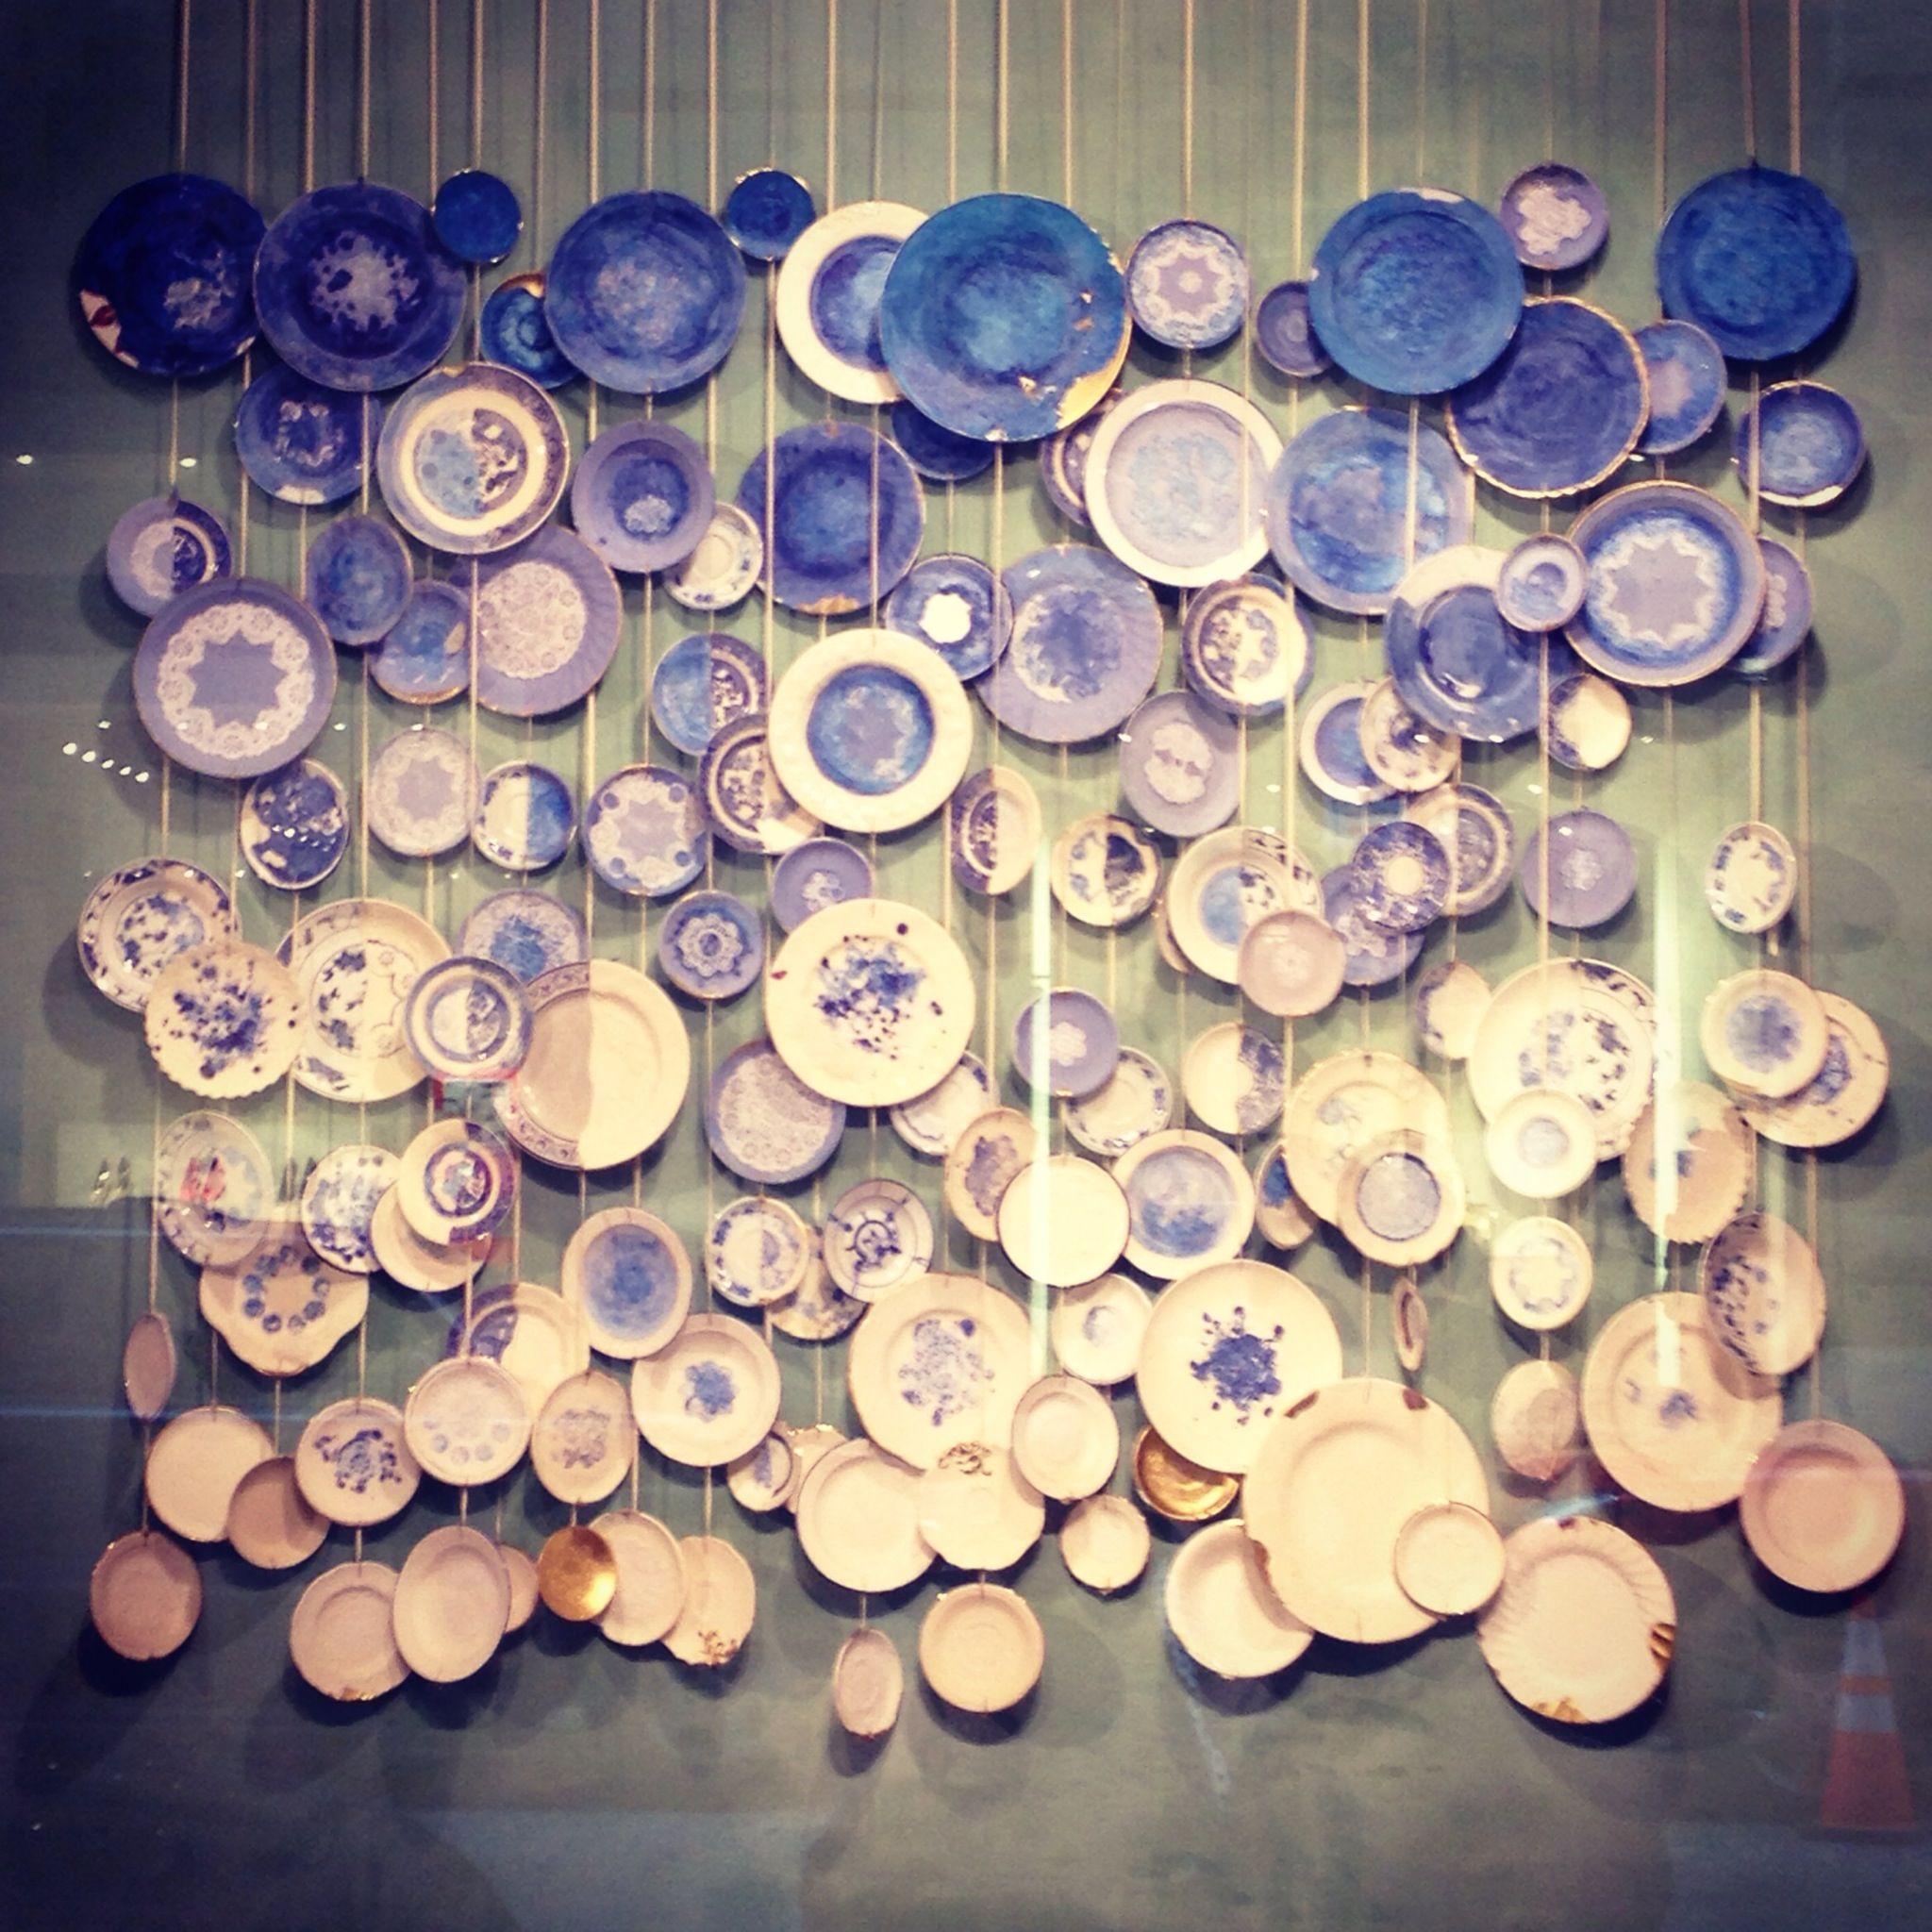 Anthropologie installation   Anthropologie   Pinterest ... - photo#13